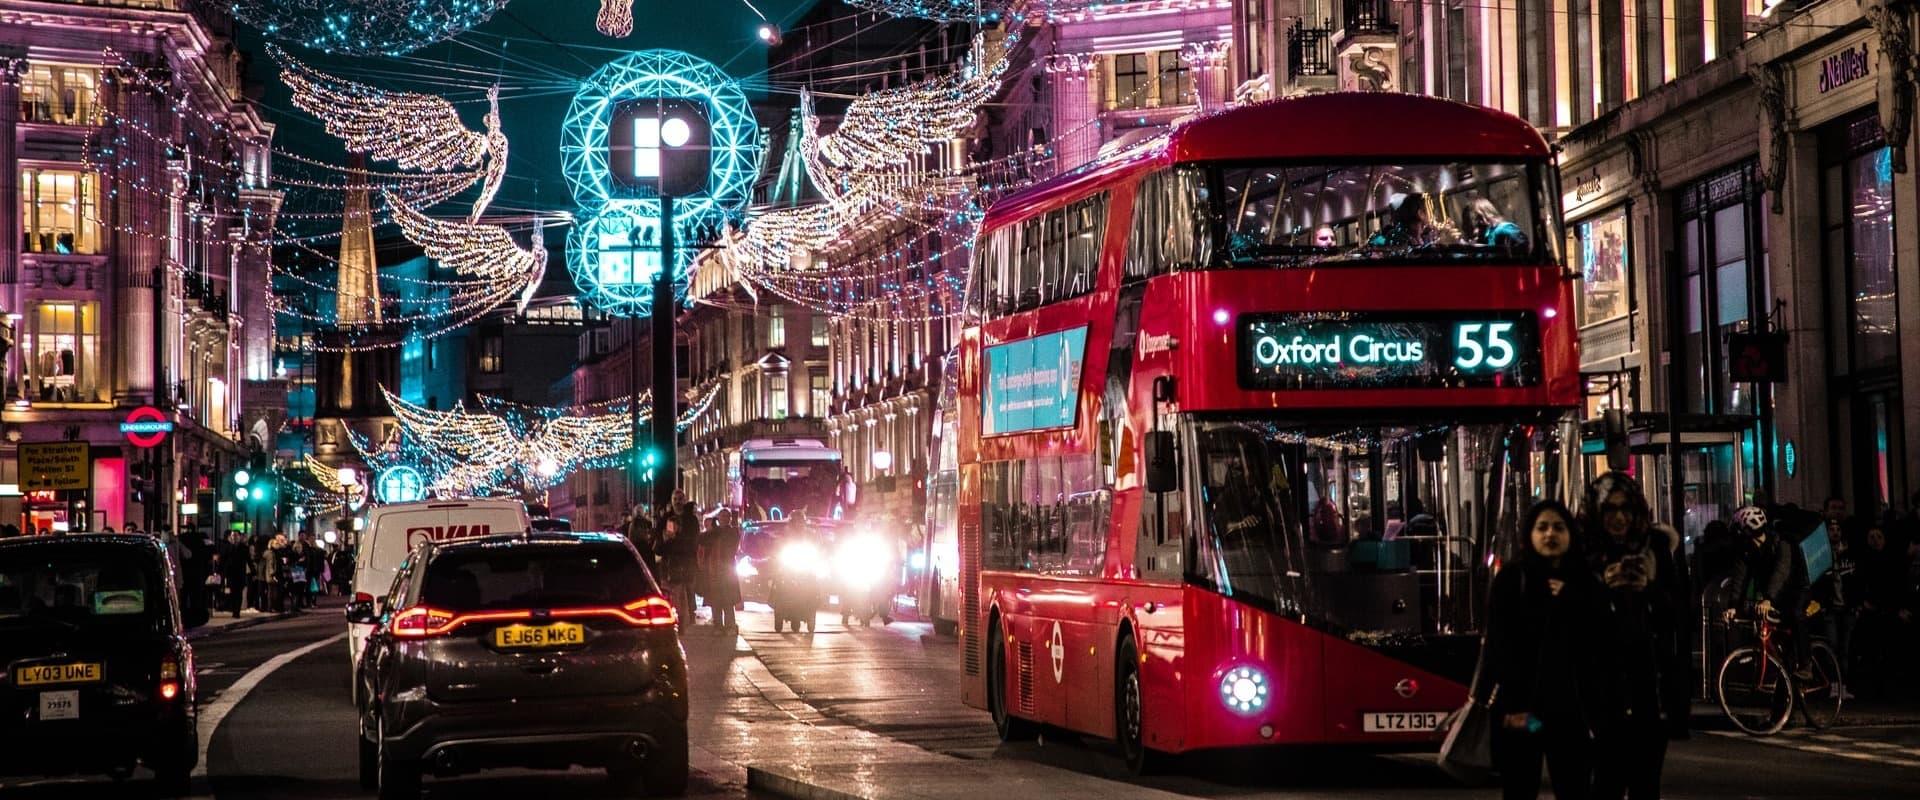 Weihnachten in England